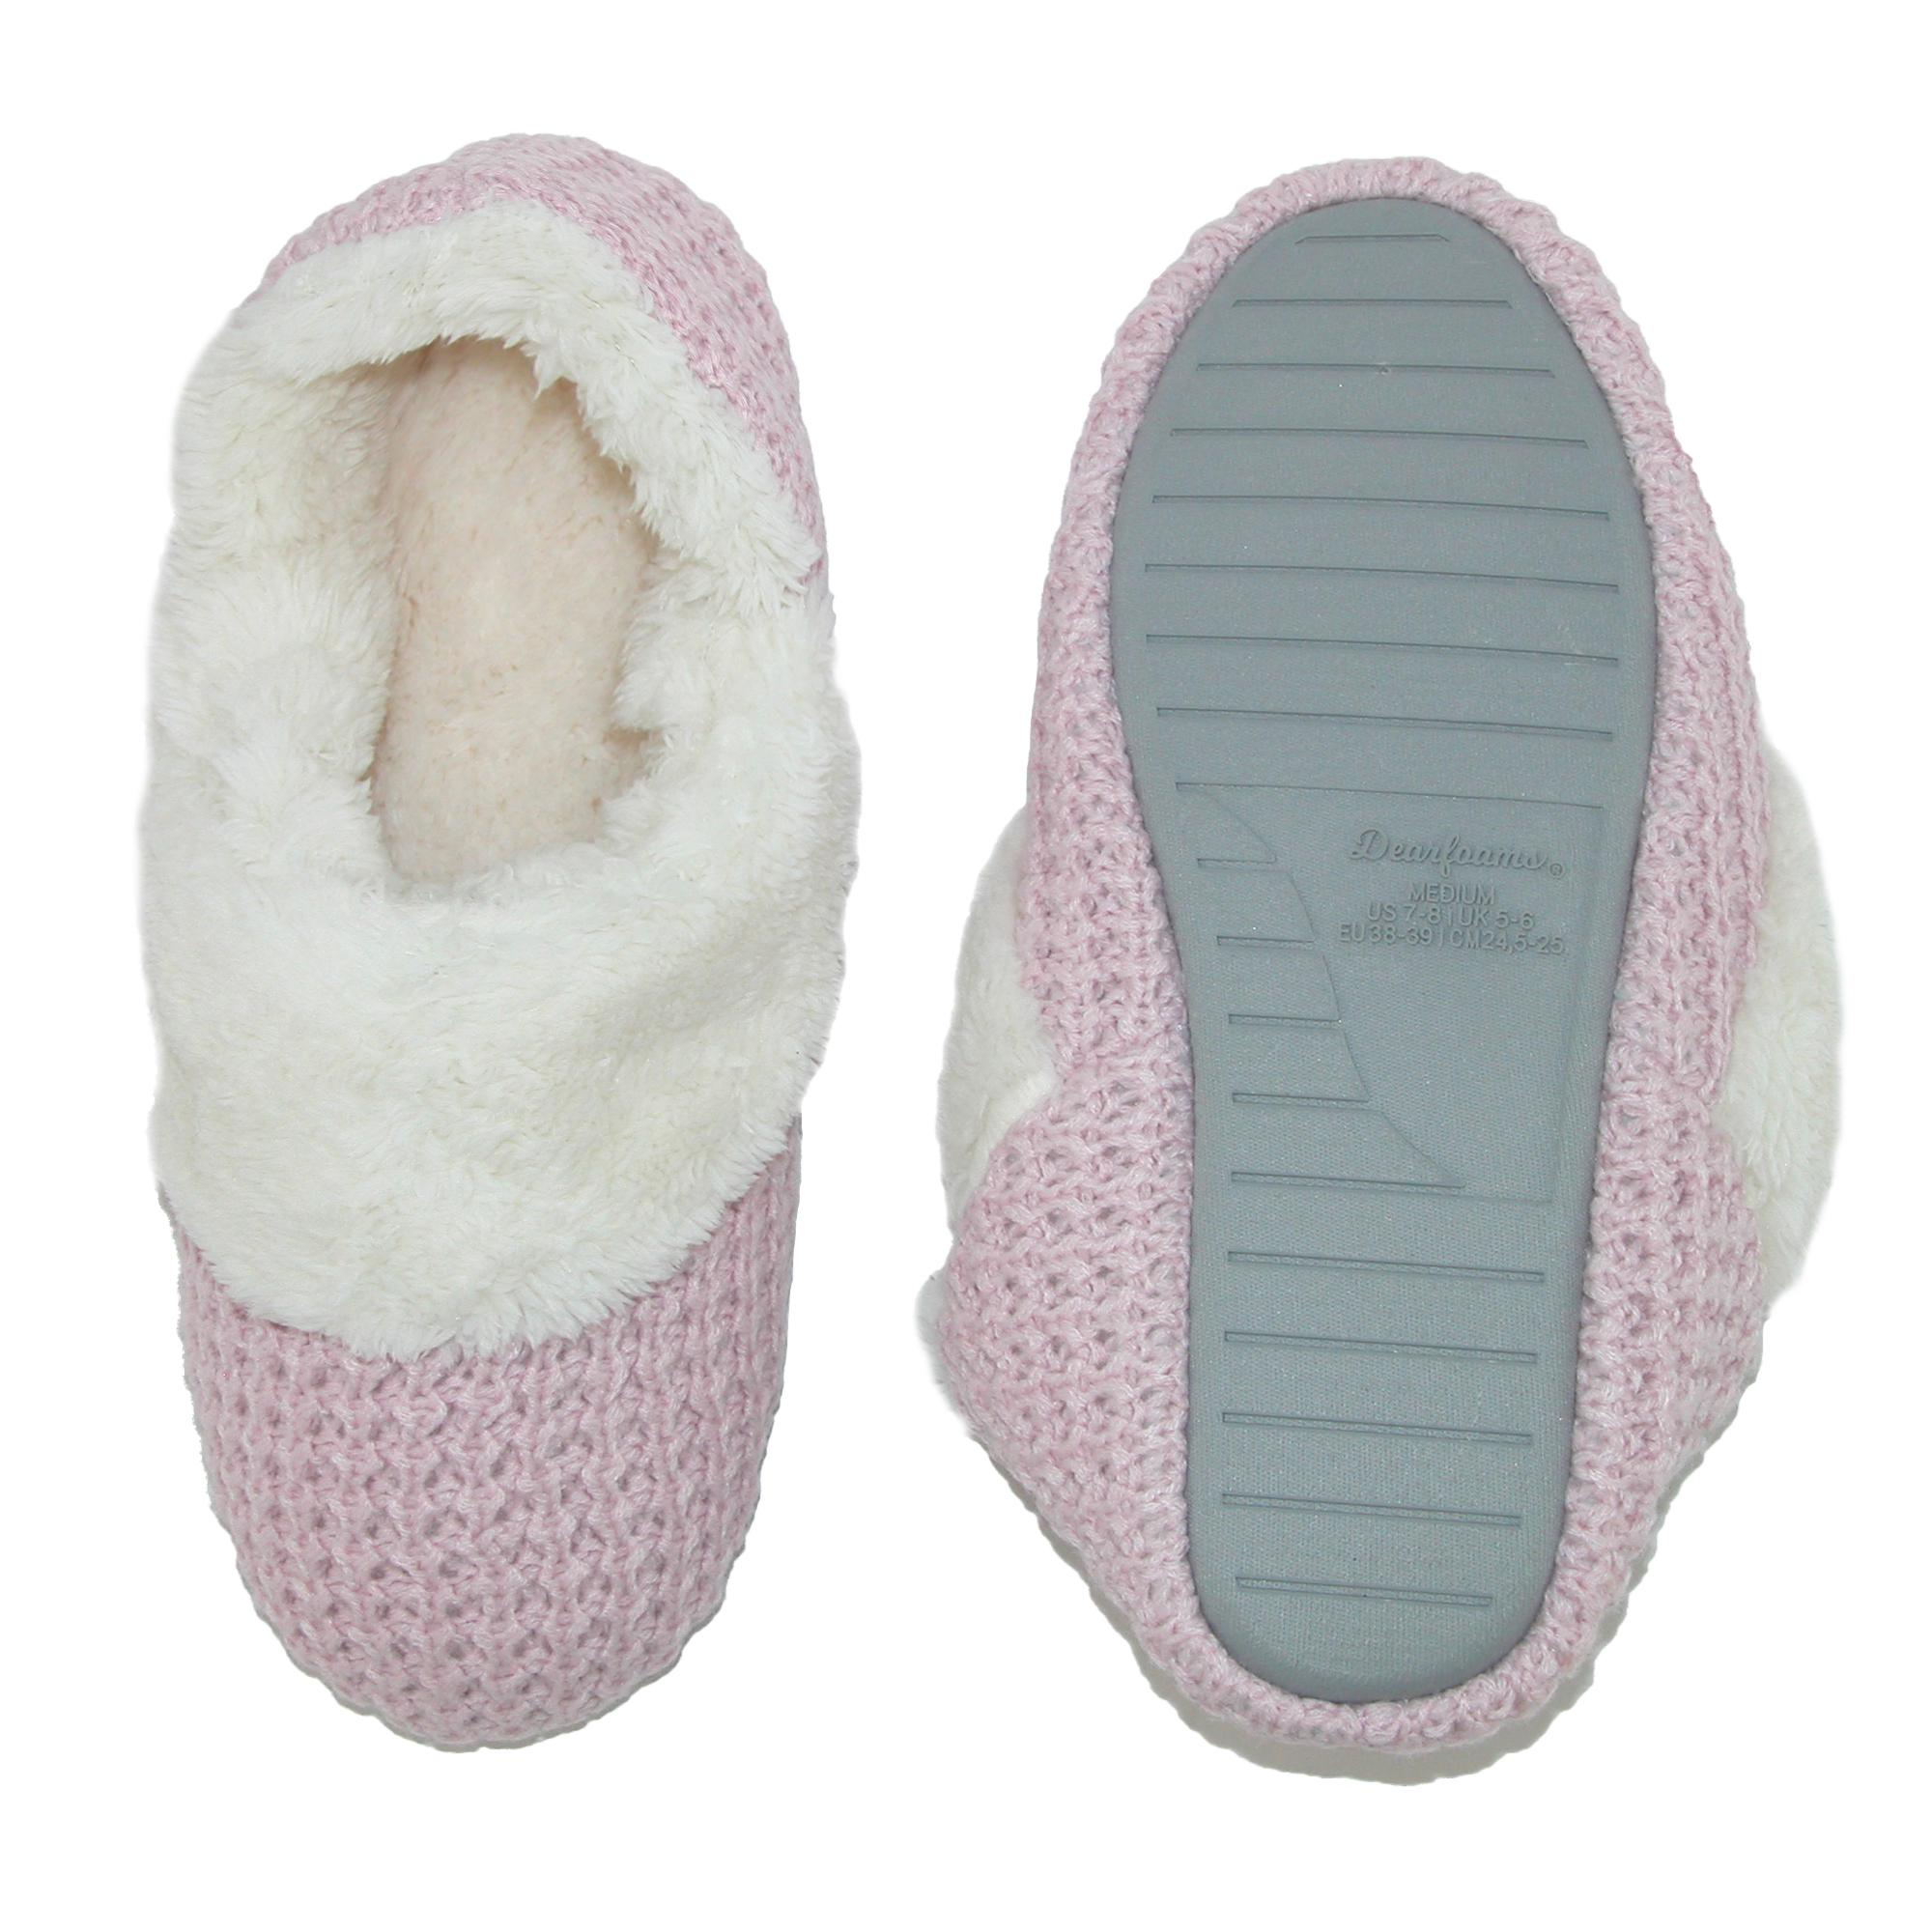 New-Dearfoams-Women-039-s-Sweater-Knit-Bootie-Slippers thumbnail 4